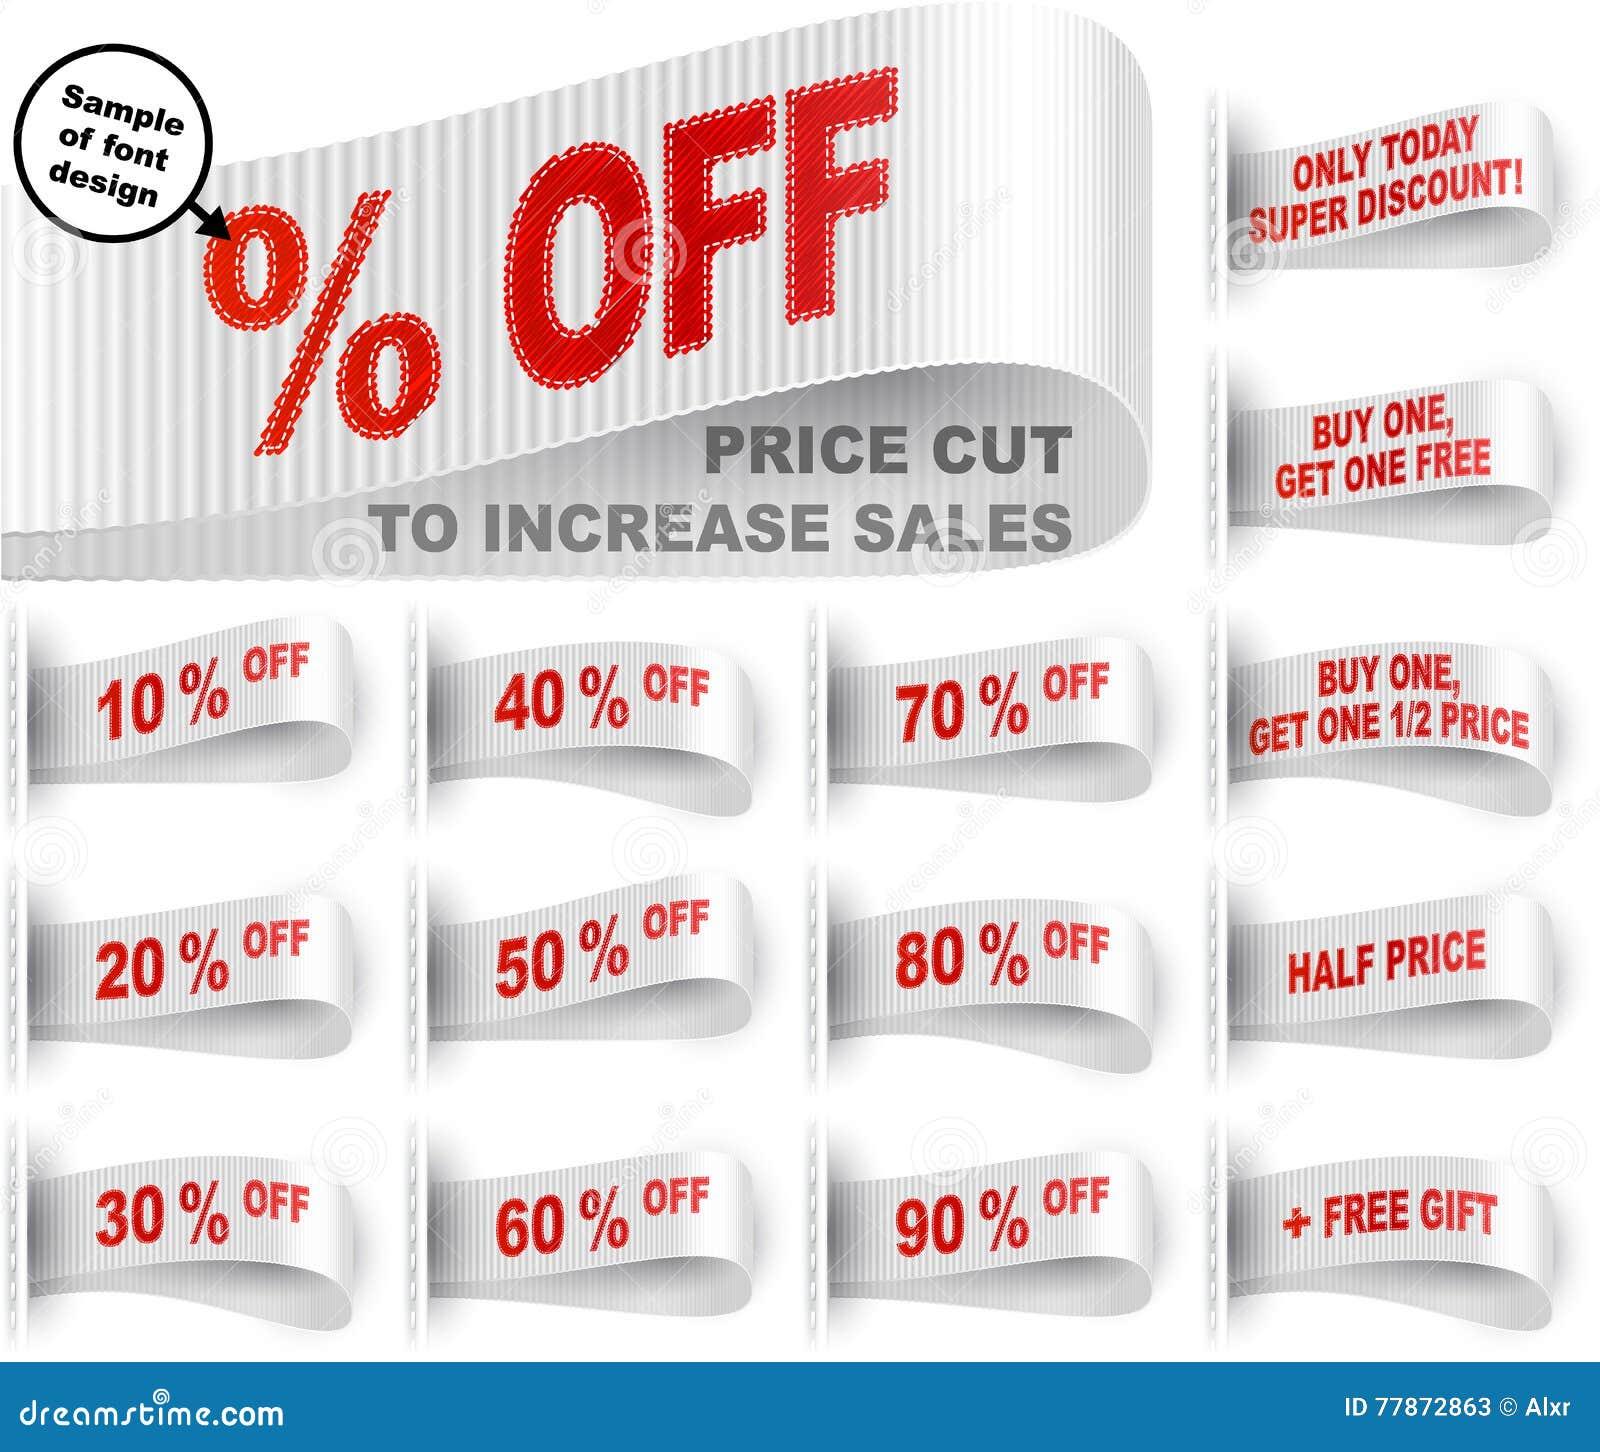 9cb5ee43faecd Labels de vêtements avec le pourcentage des réductions des prix et des  expressions de vente ; Remise aujourd'hui seulement ; Achetez un, obtenez  un cadeau ...